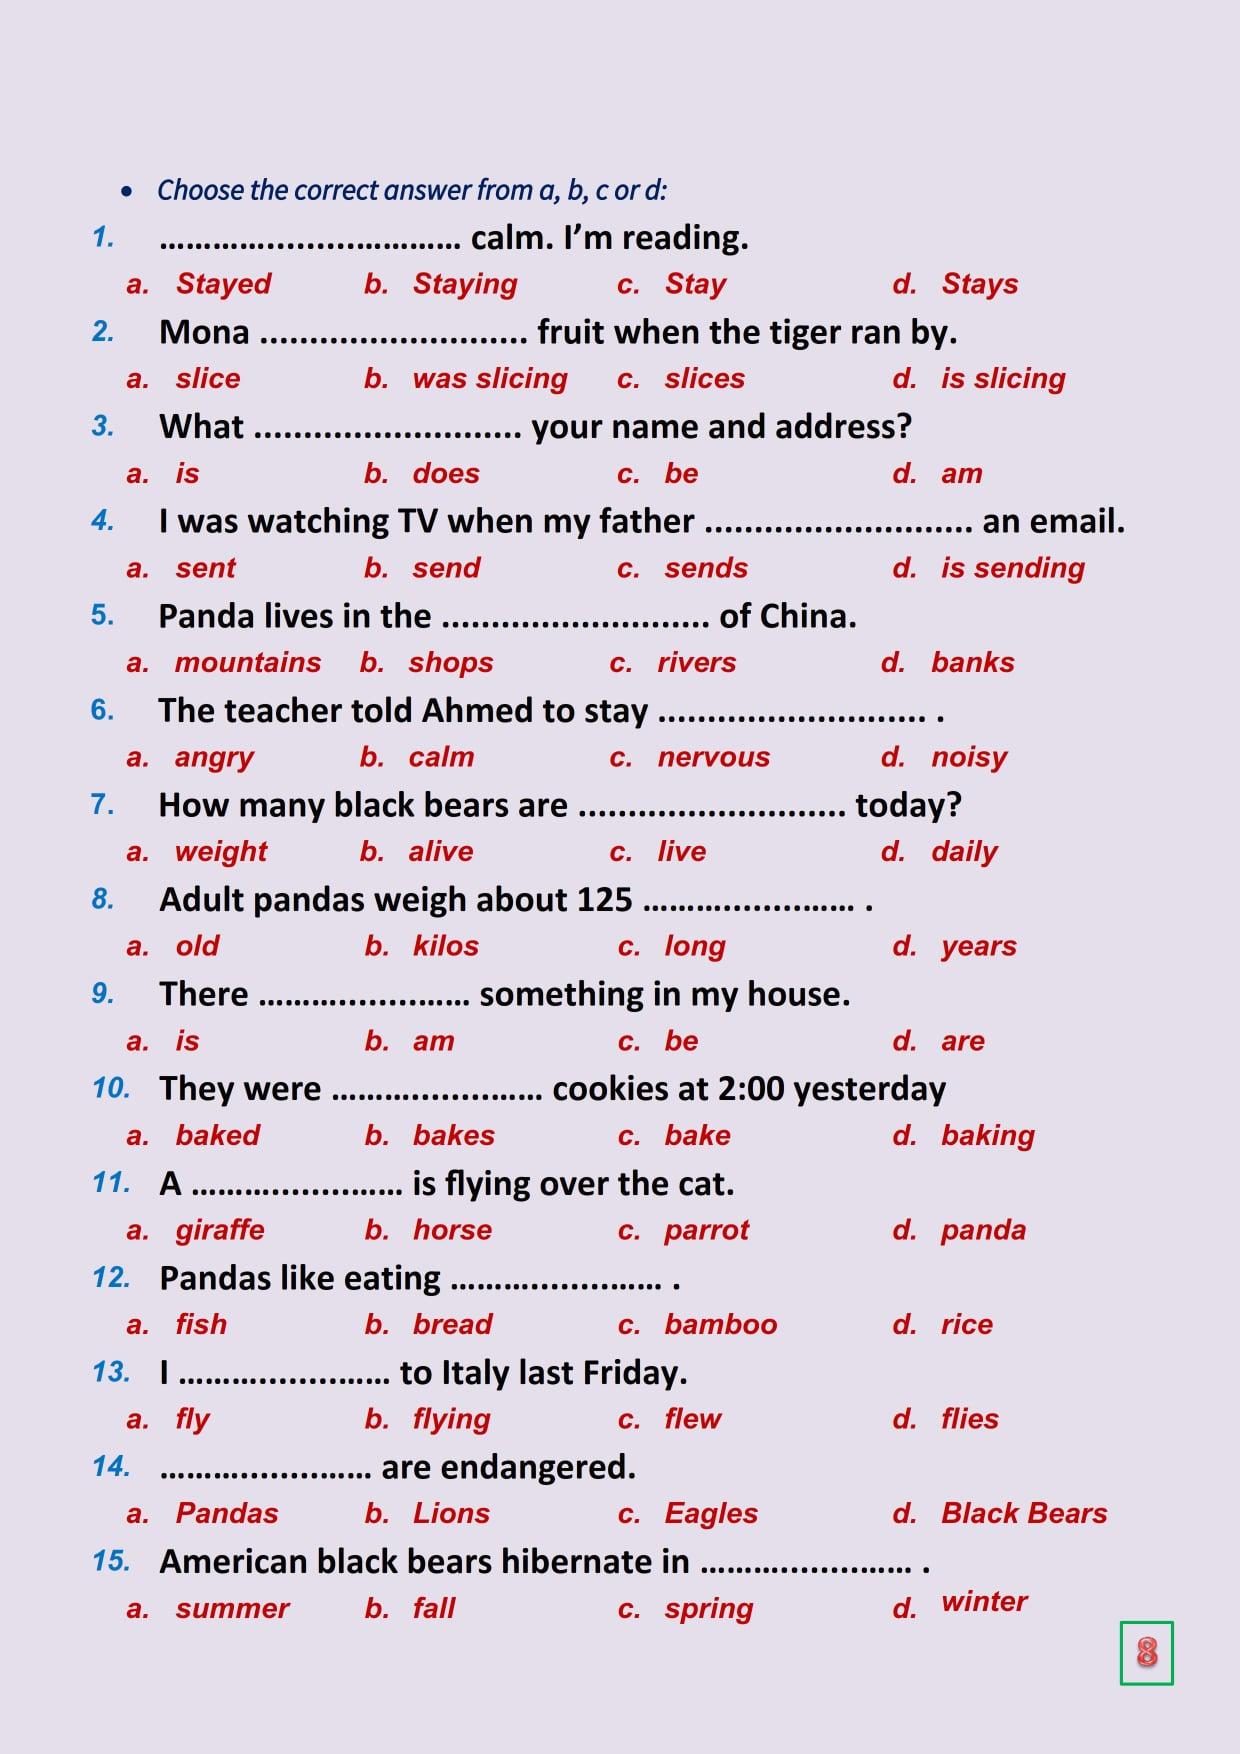 مراجعة شهر مارس لغة انجليزية للصف السادس 120 جملة اختياري.. مستر محمود أبو غنيمة 8